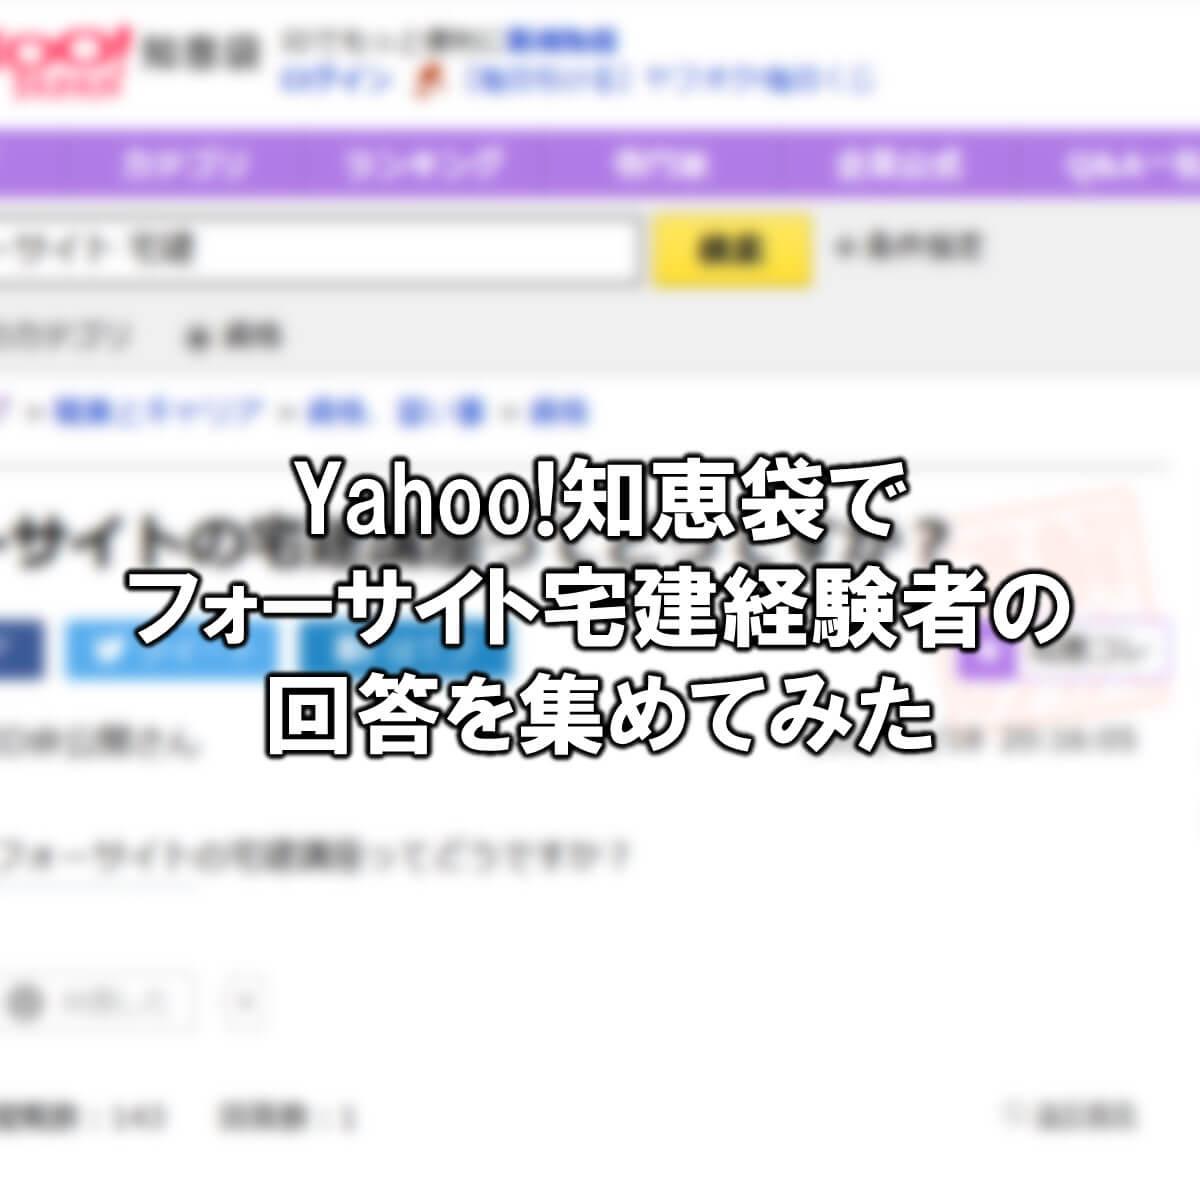 Yahoo!知恵袋でフォーサイト宅建経験者の回答を集めてみた